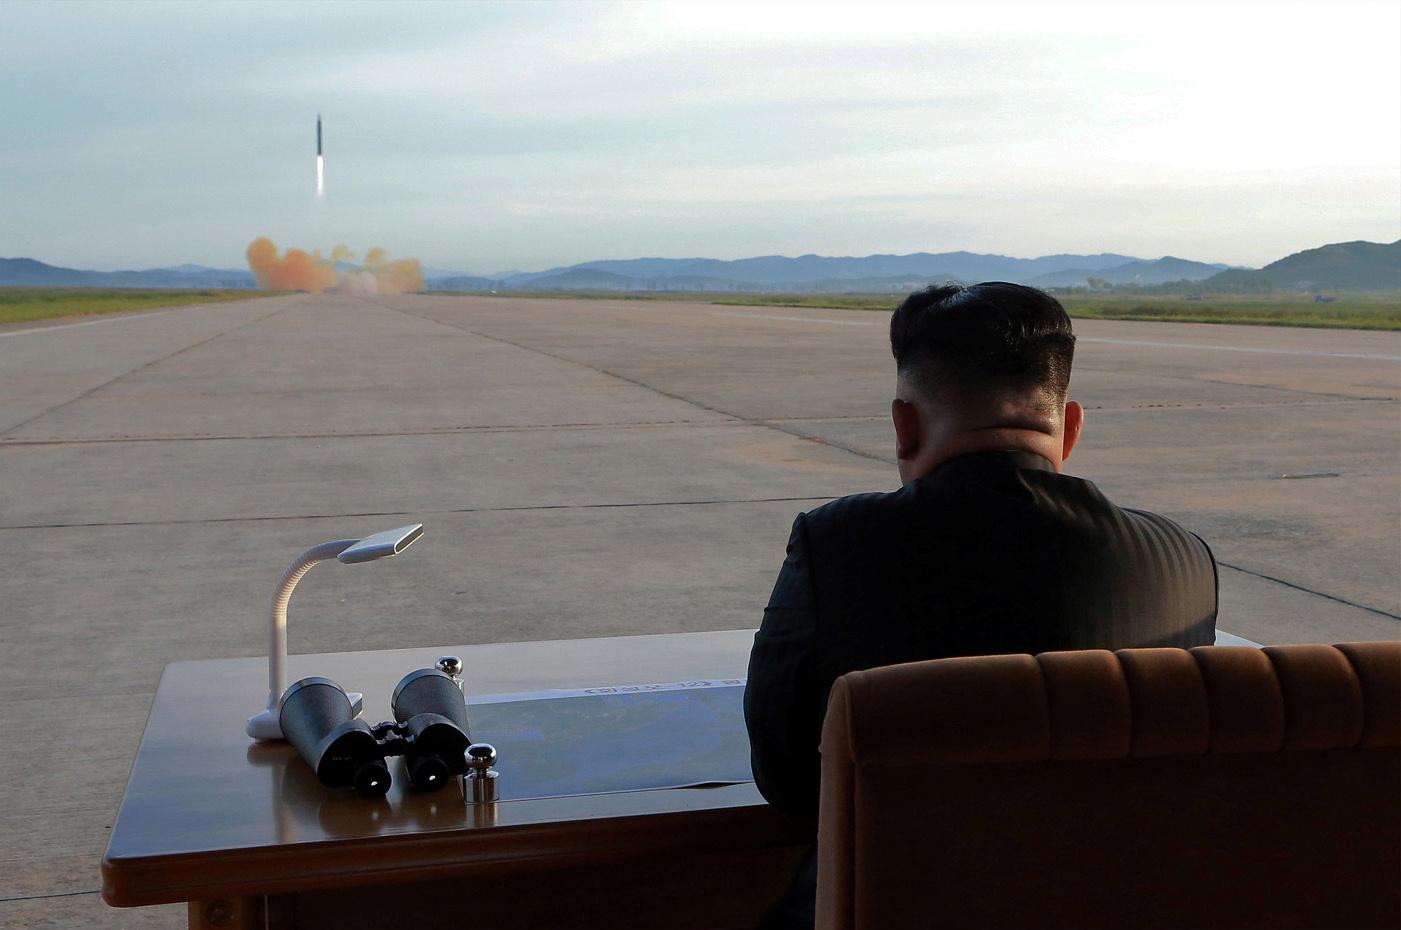 تقرير: كوريا الشمالية تنهي بناء موقع ضخم سيتيح استهداف أمريكا نوويا